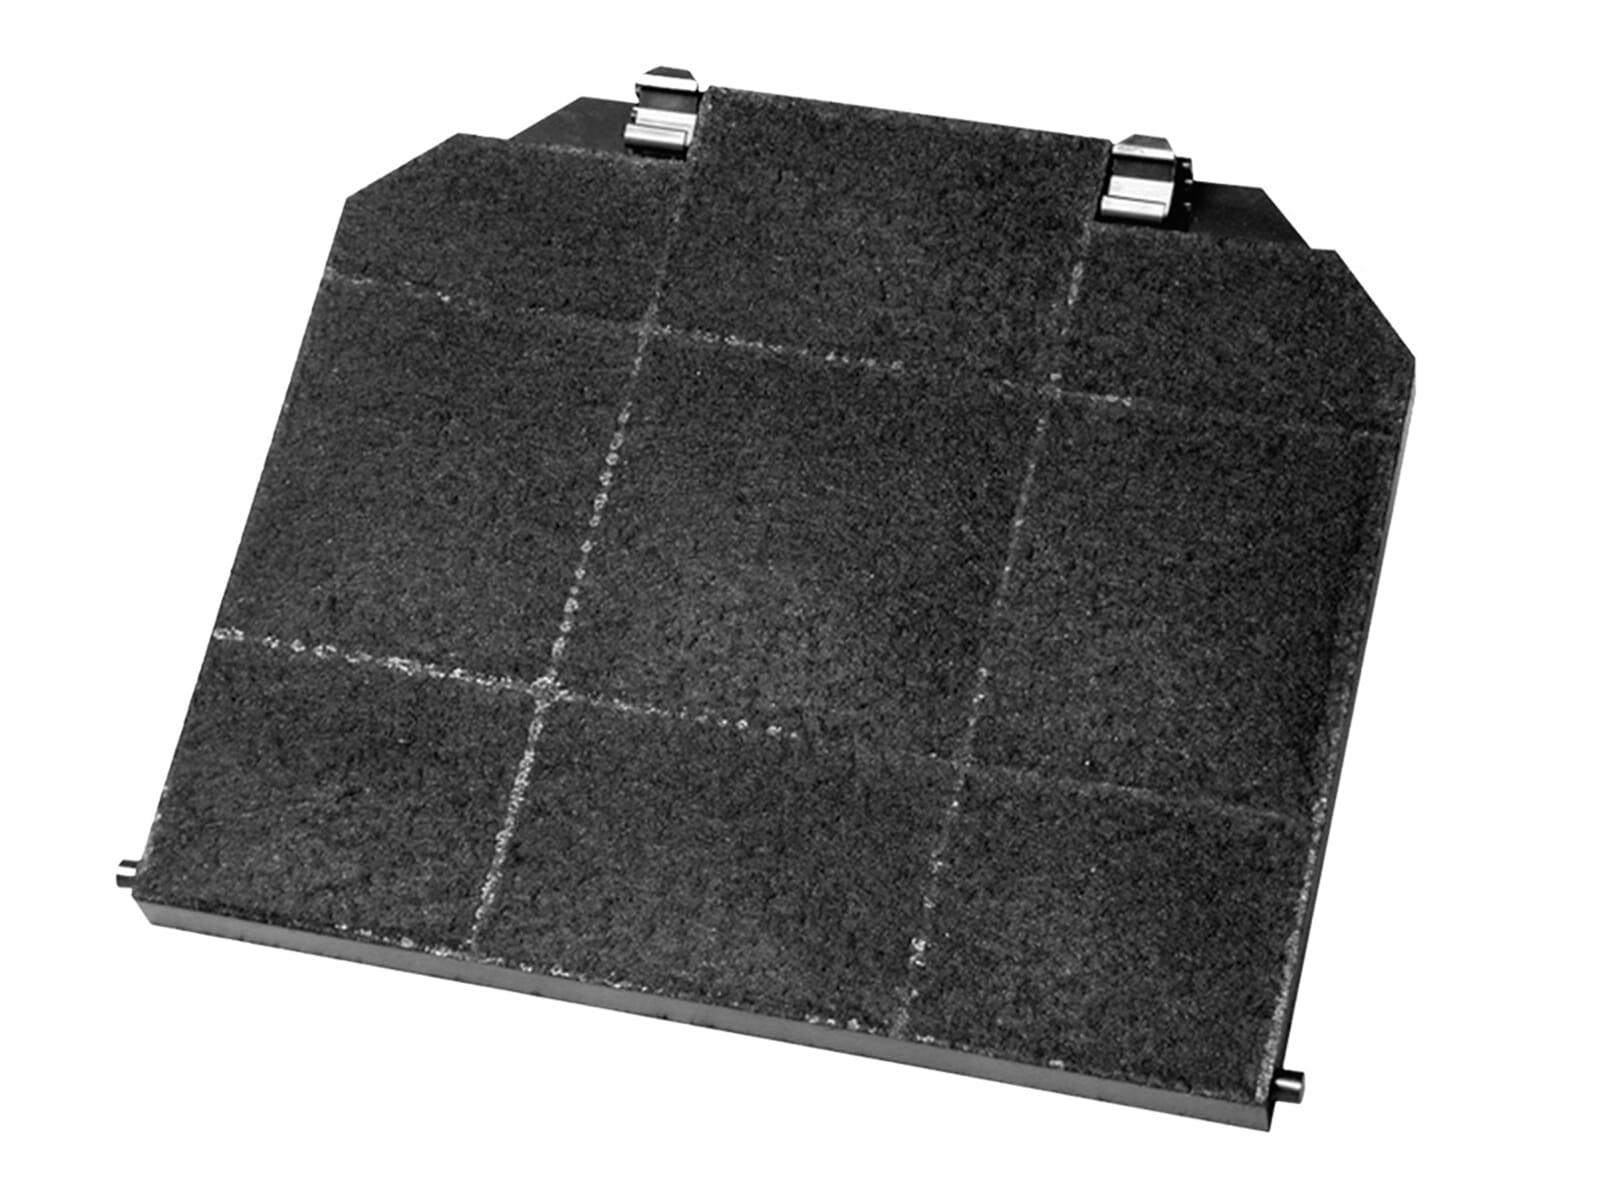 Franke 112.0174.992 Reaktivierbarer Kohlefilter